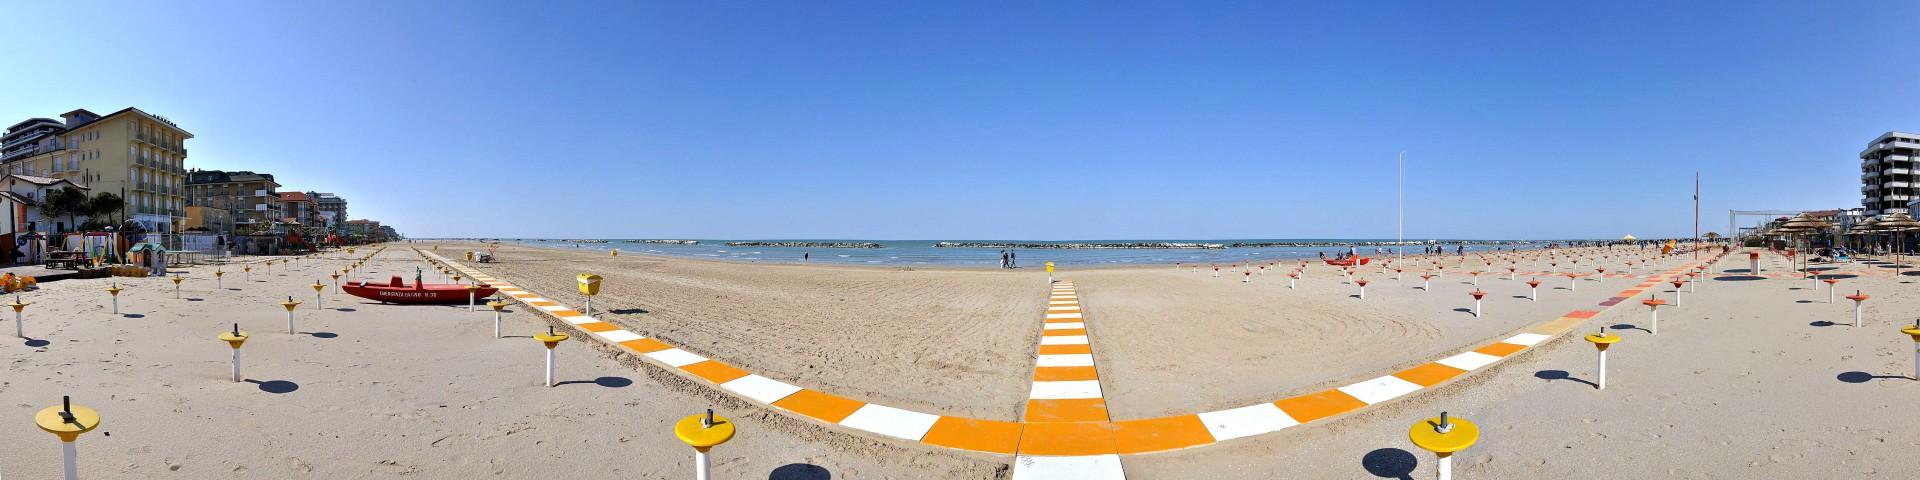 Bellaria, pláž po sezóně (zdroj: Wikipedie)